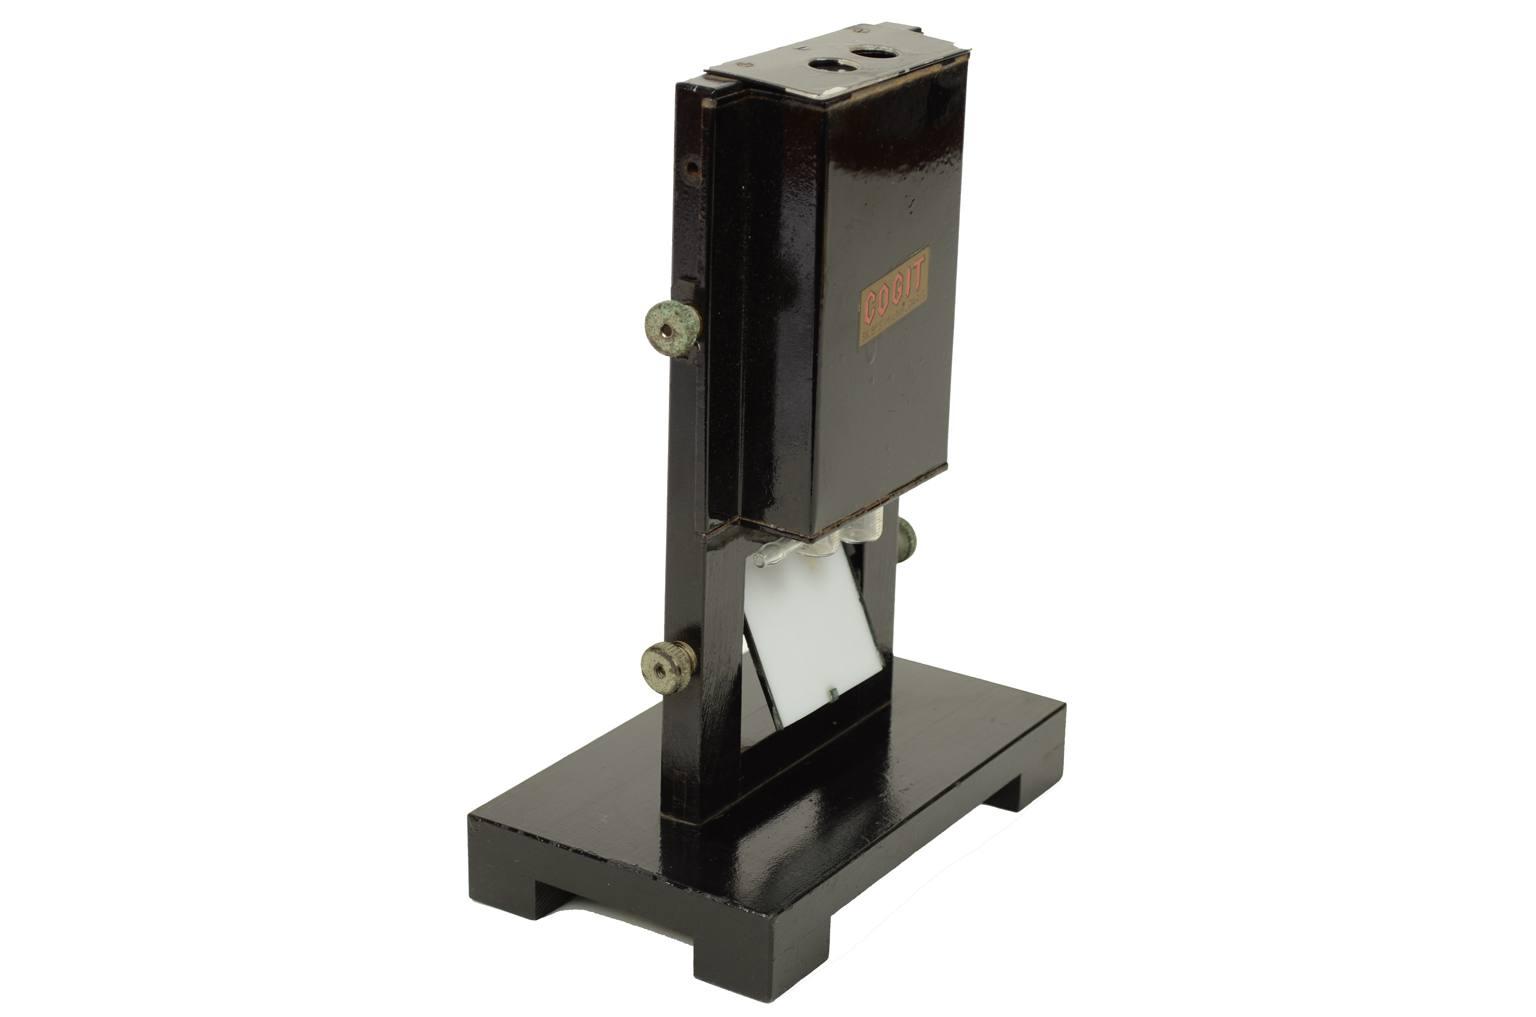 Strumenti di misura antichi/A12-Colorimetro francese